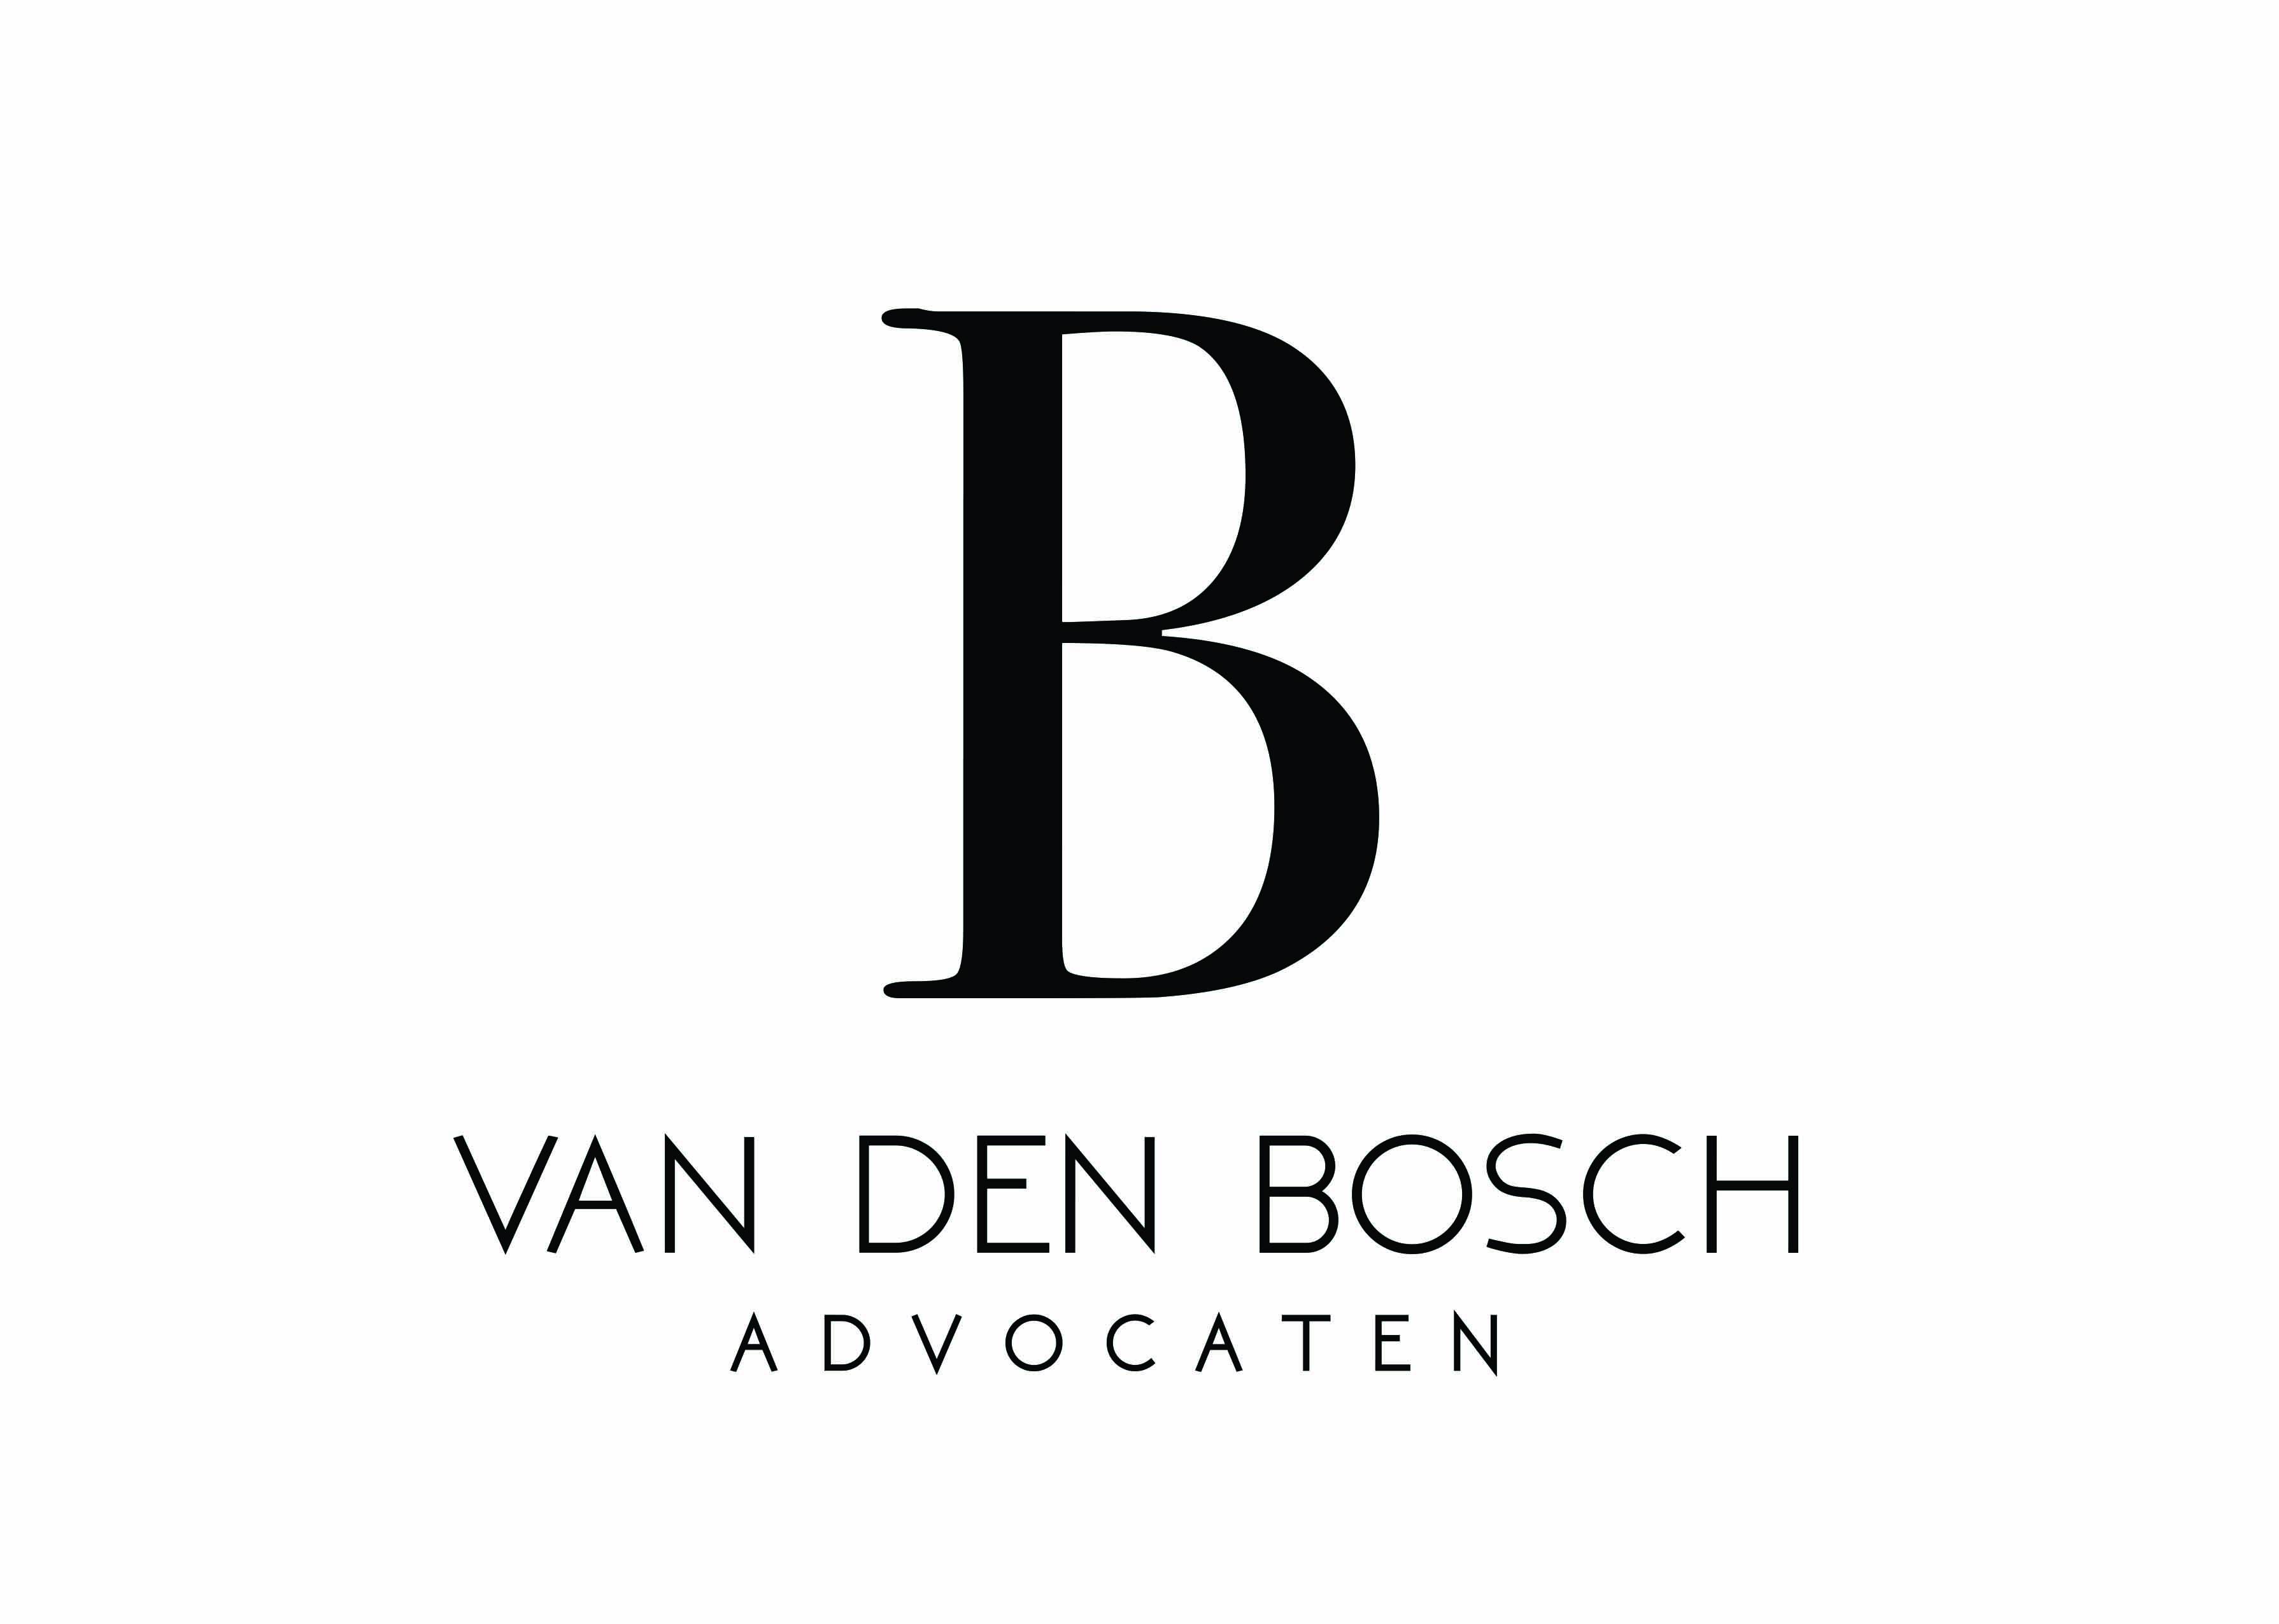 Van Den Bosch advocaten